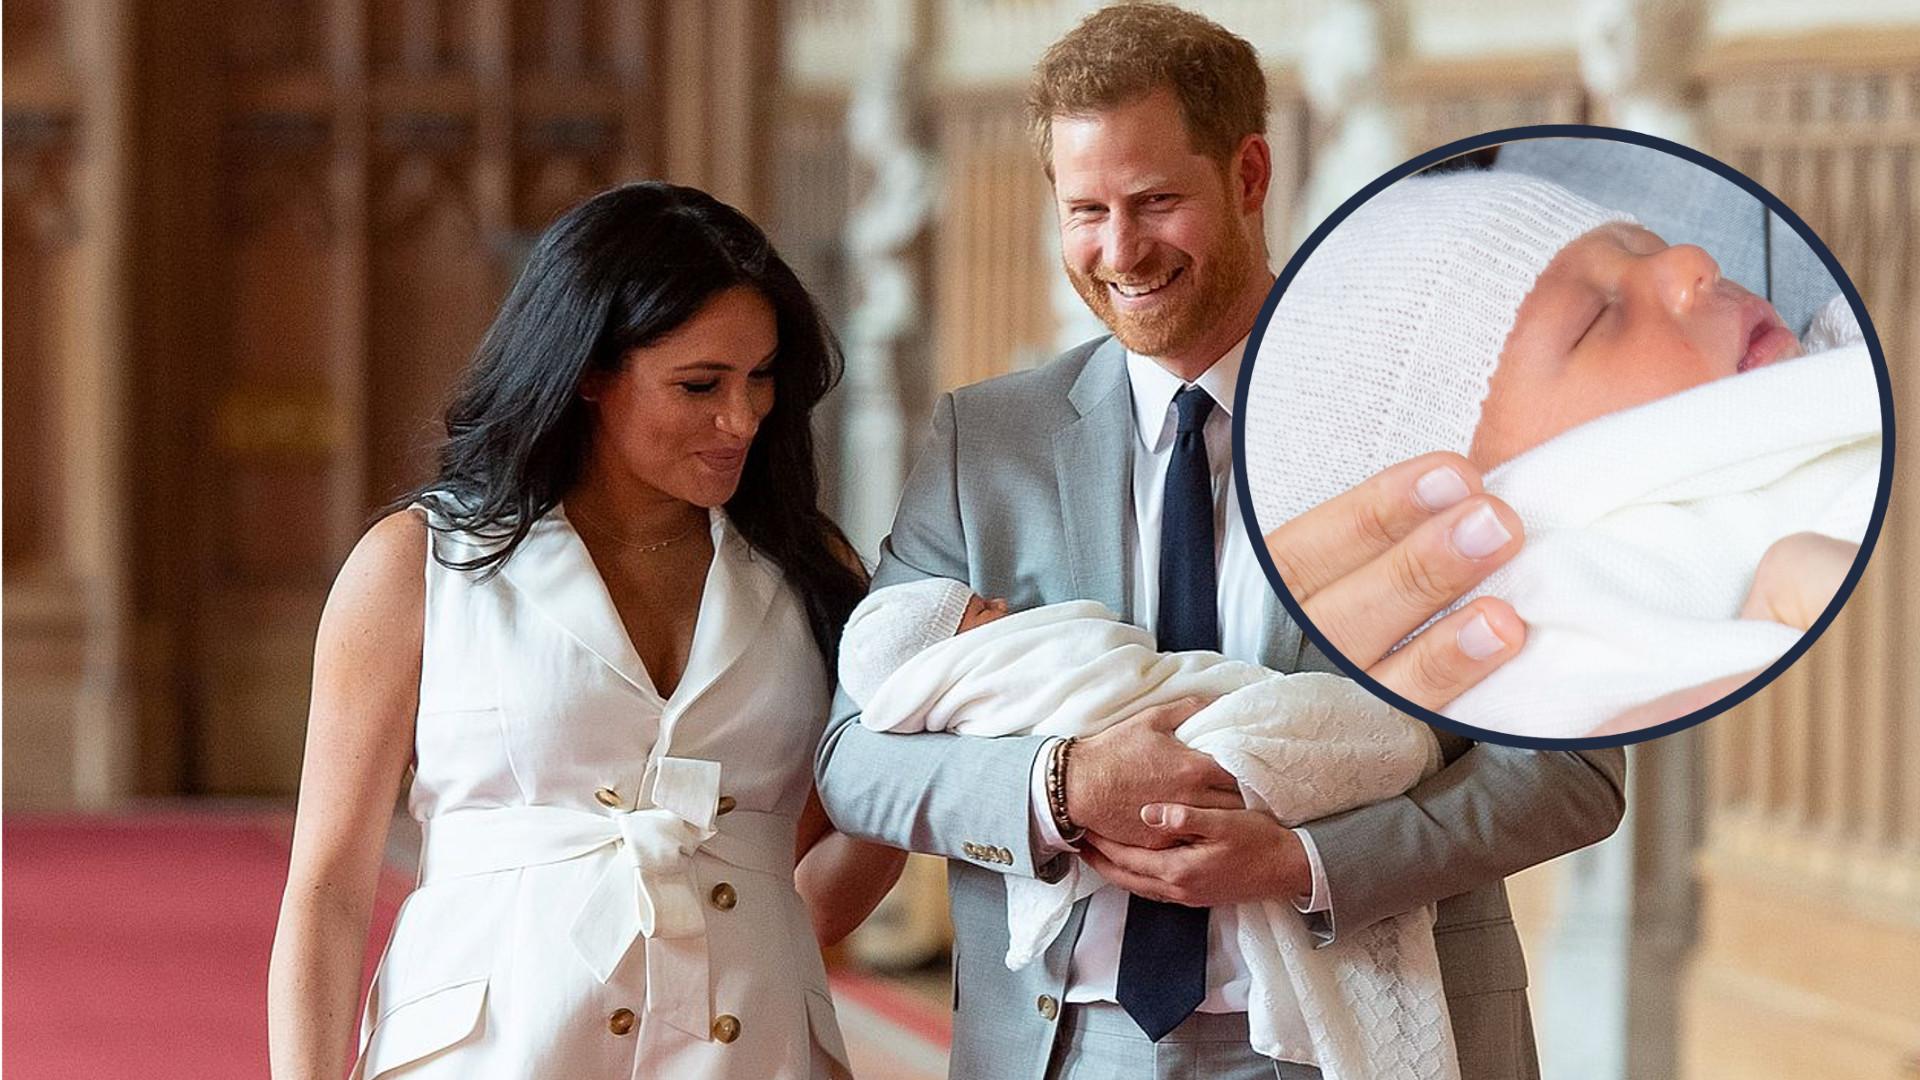 Co oznaczają imiona Archie Harrison, które Meghan i Harry nadali synowi?